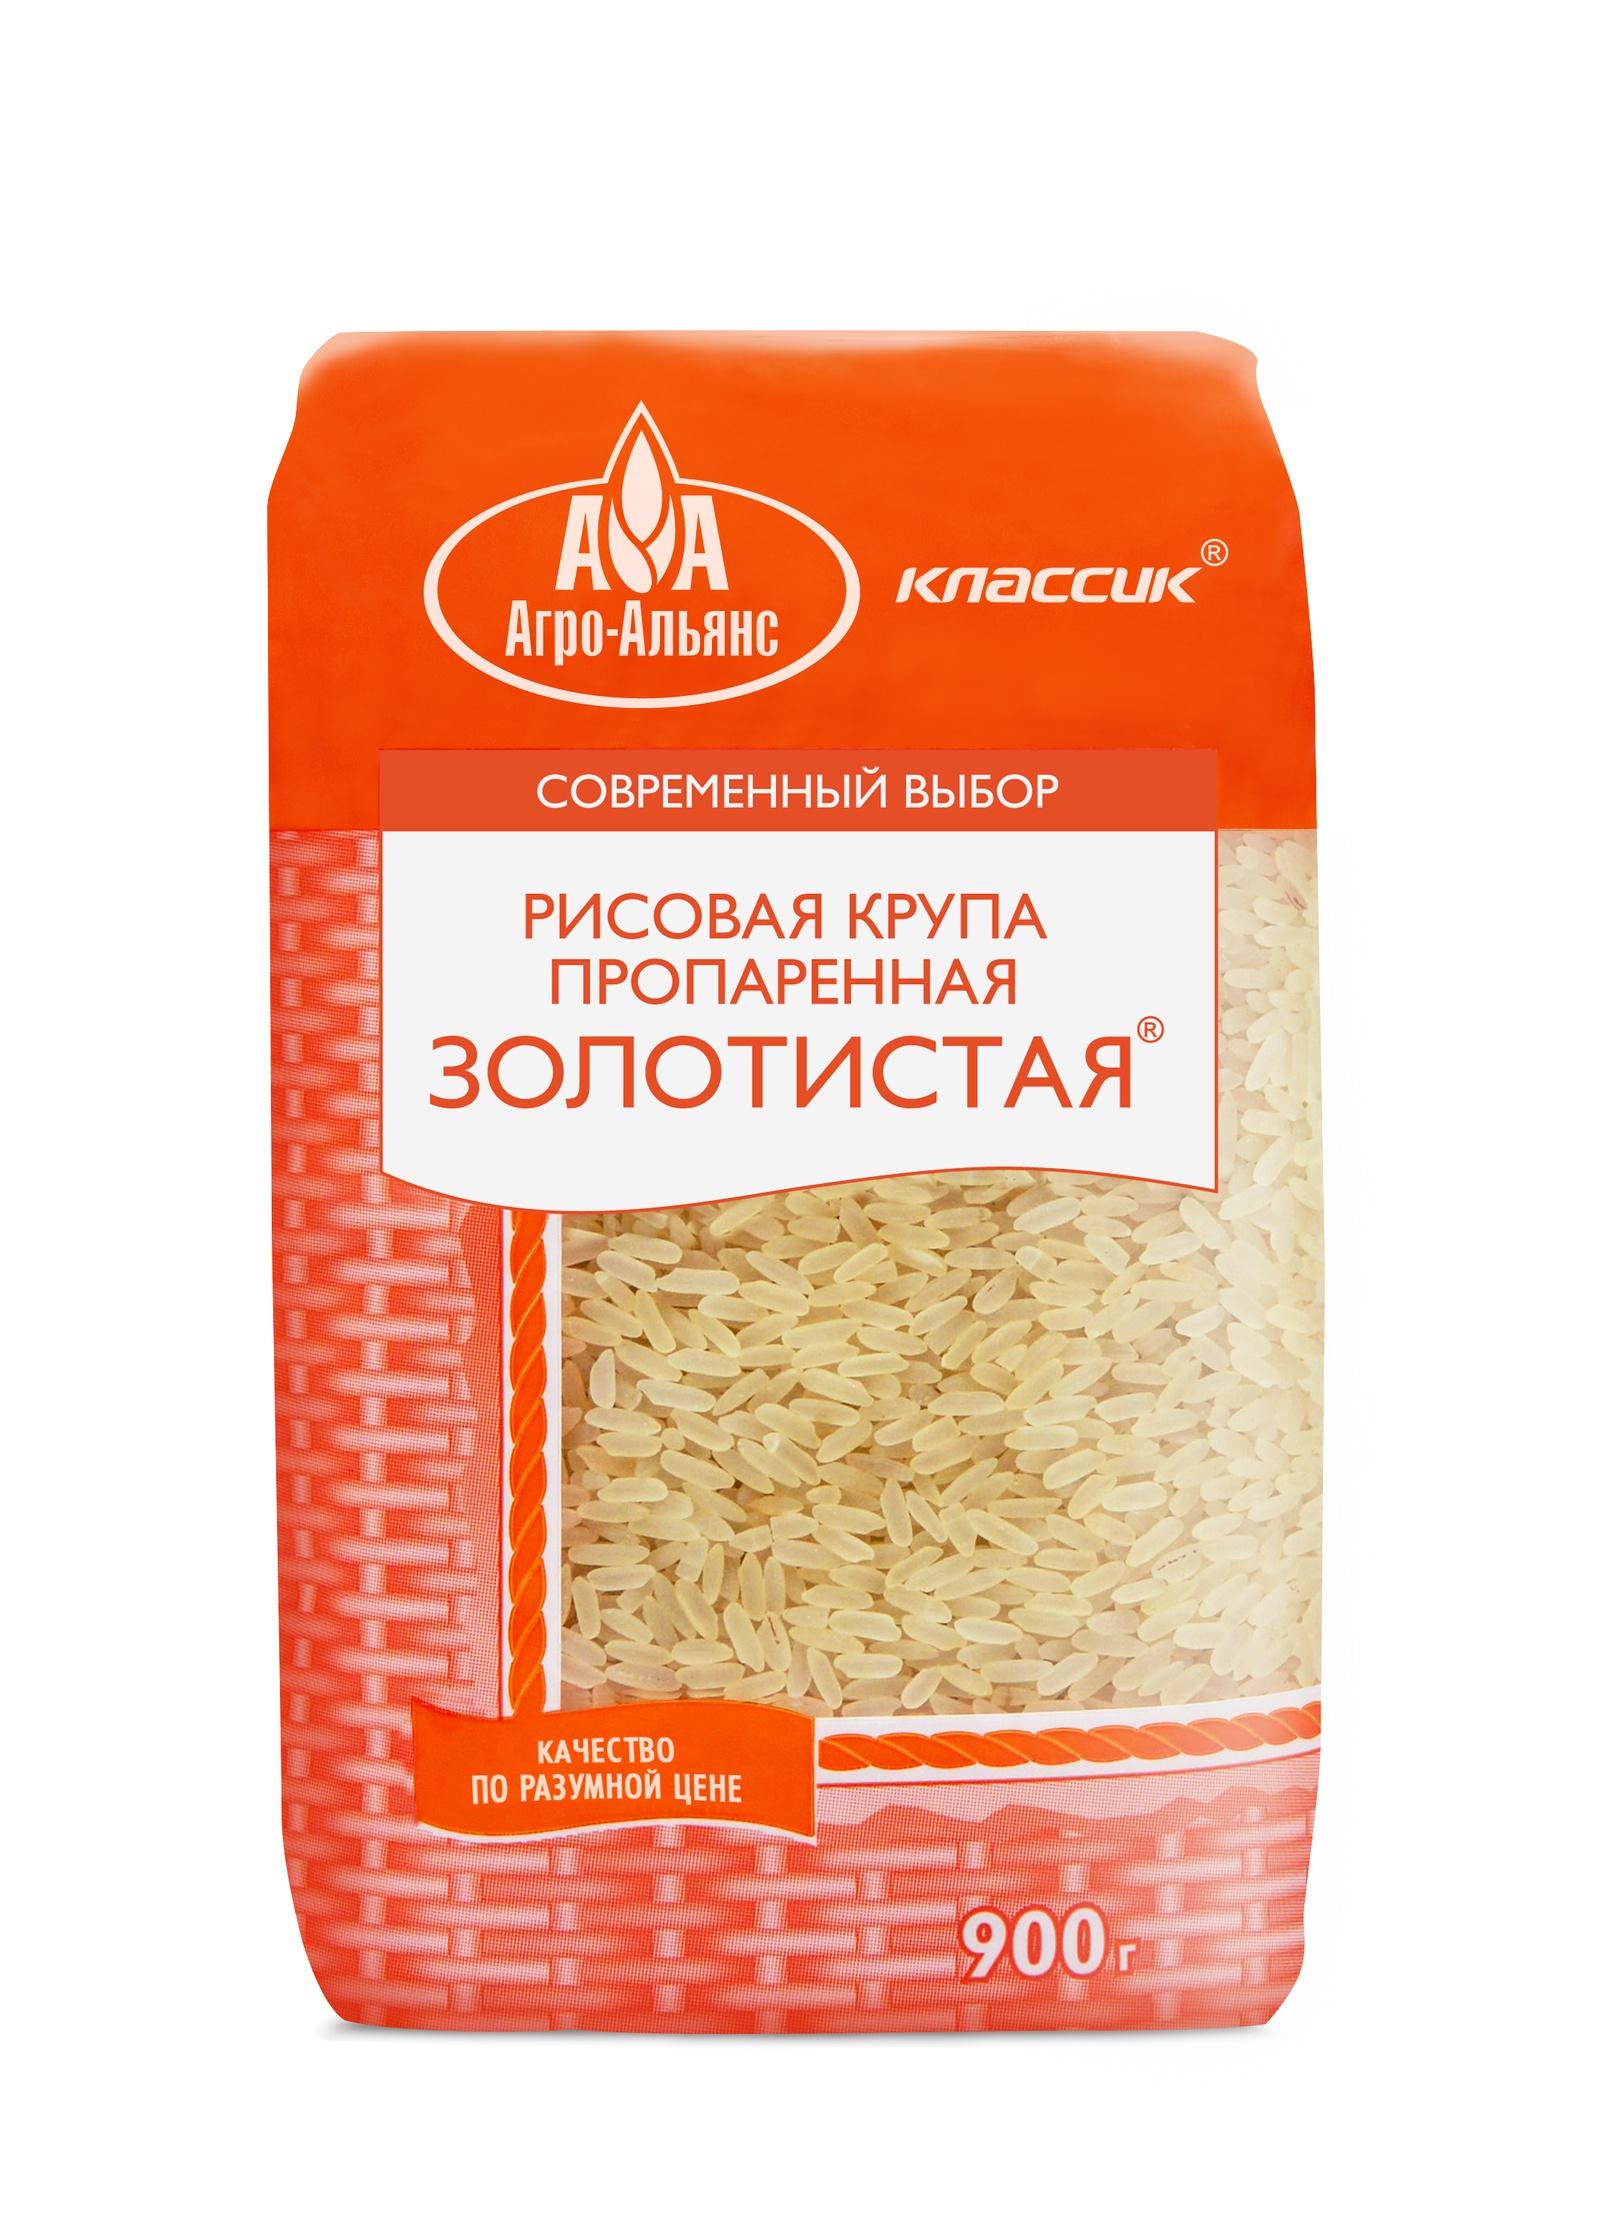 Рис Агро-Альянс Пропаренный Классик, 900 г агро альянс каскад рис пропаренный золотой 900 г